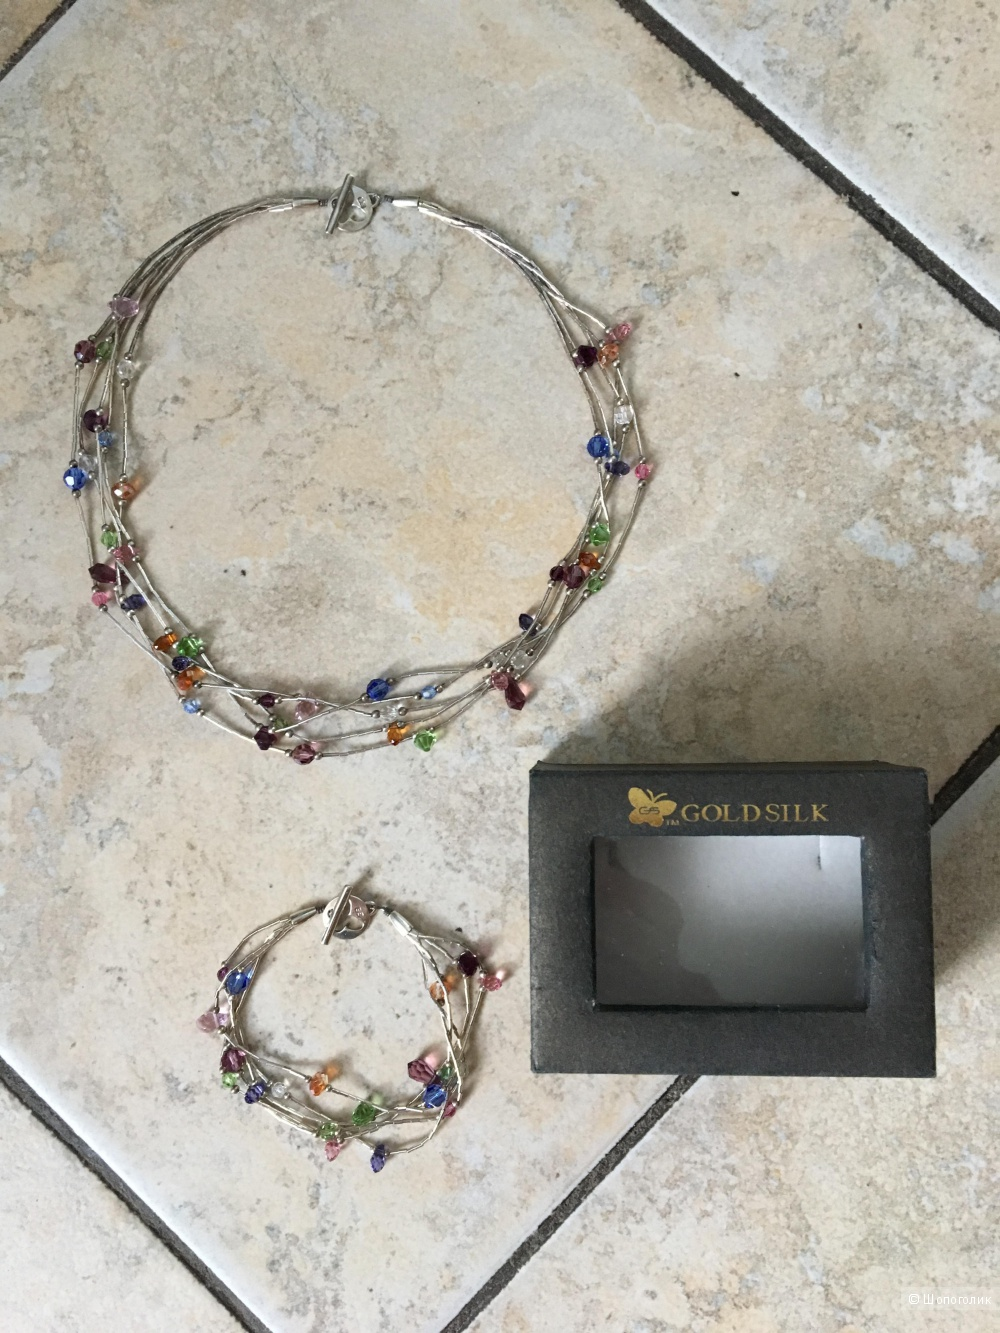 Комплект колье и браслет Goldsilk с кристаллами Swarovski